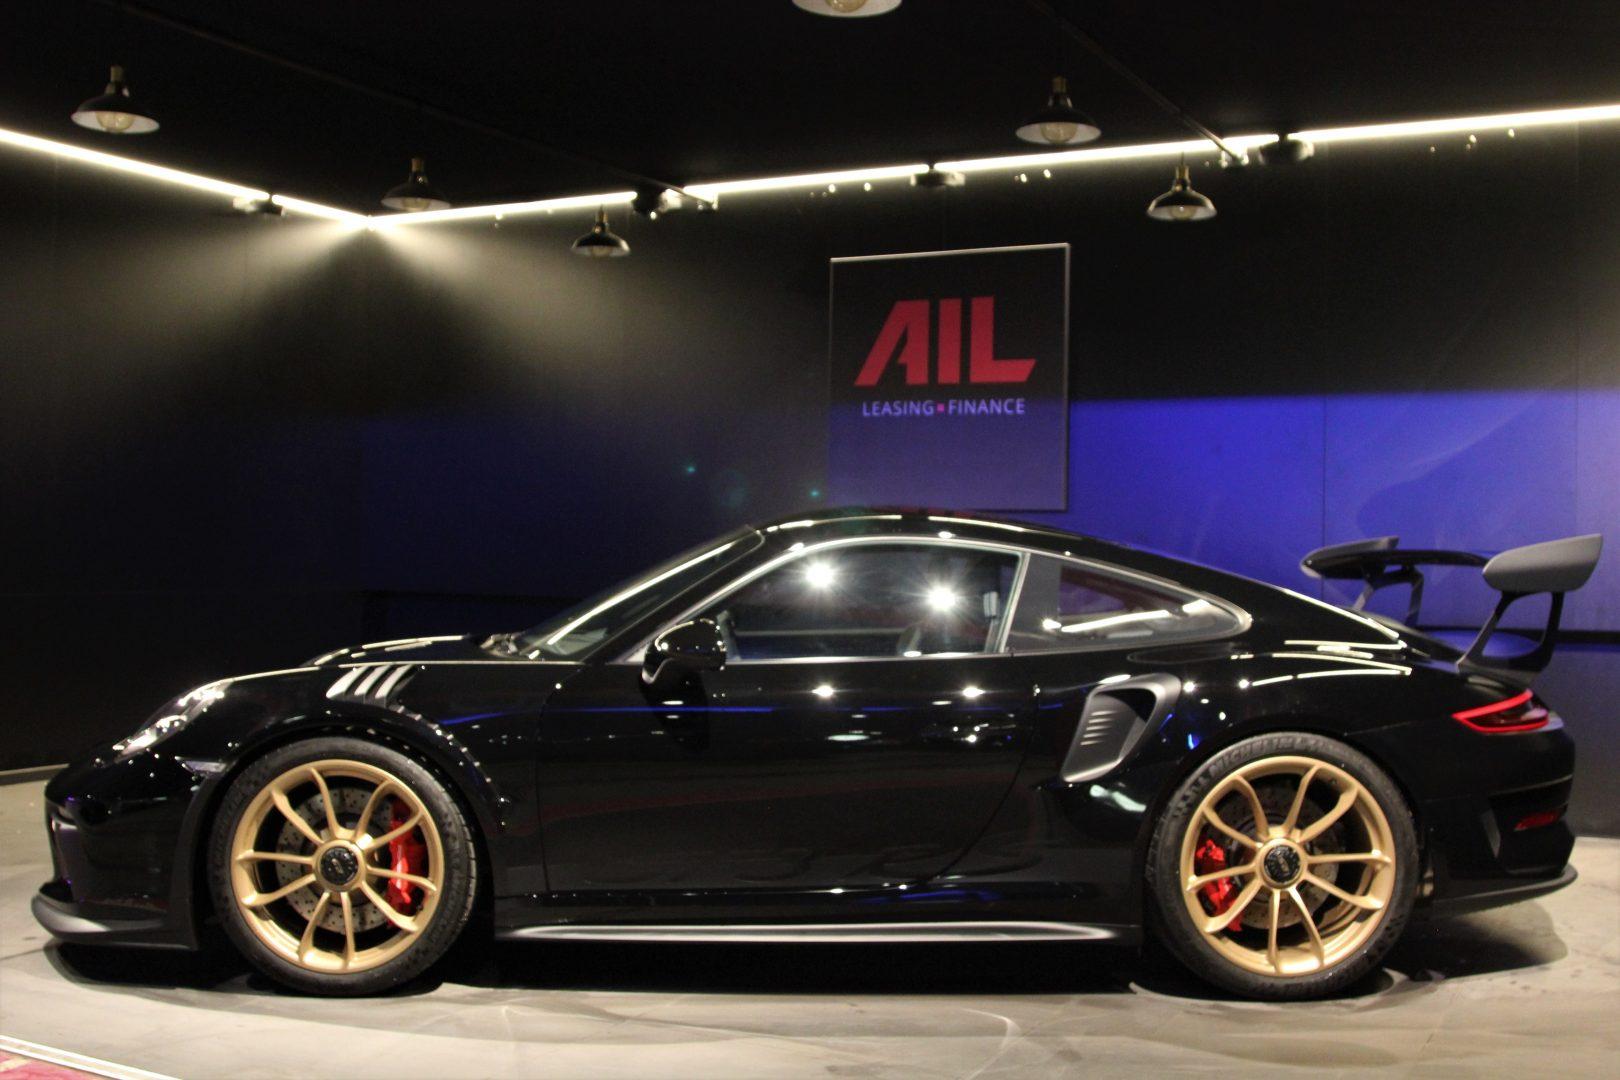 AIL Porsche 991 GT3 RS 4.0 Facelift LED 3